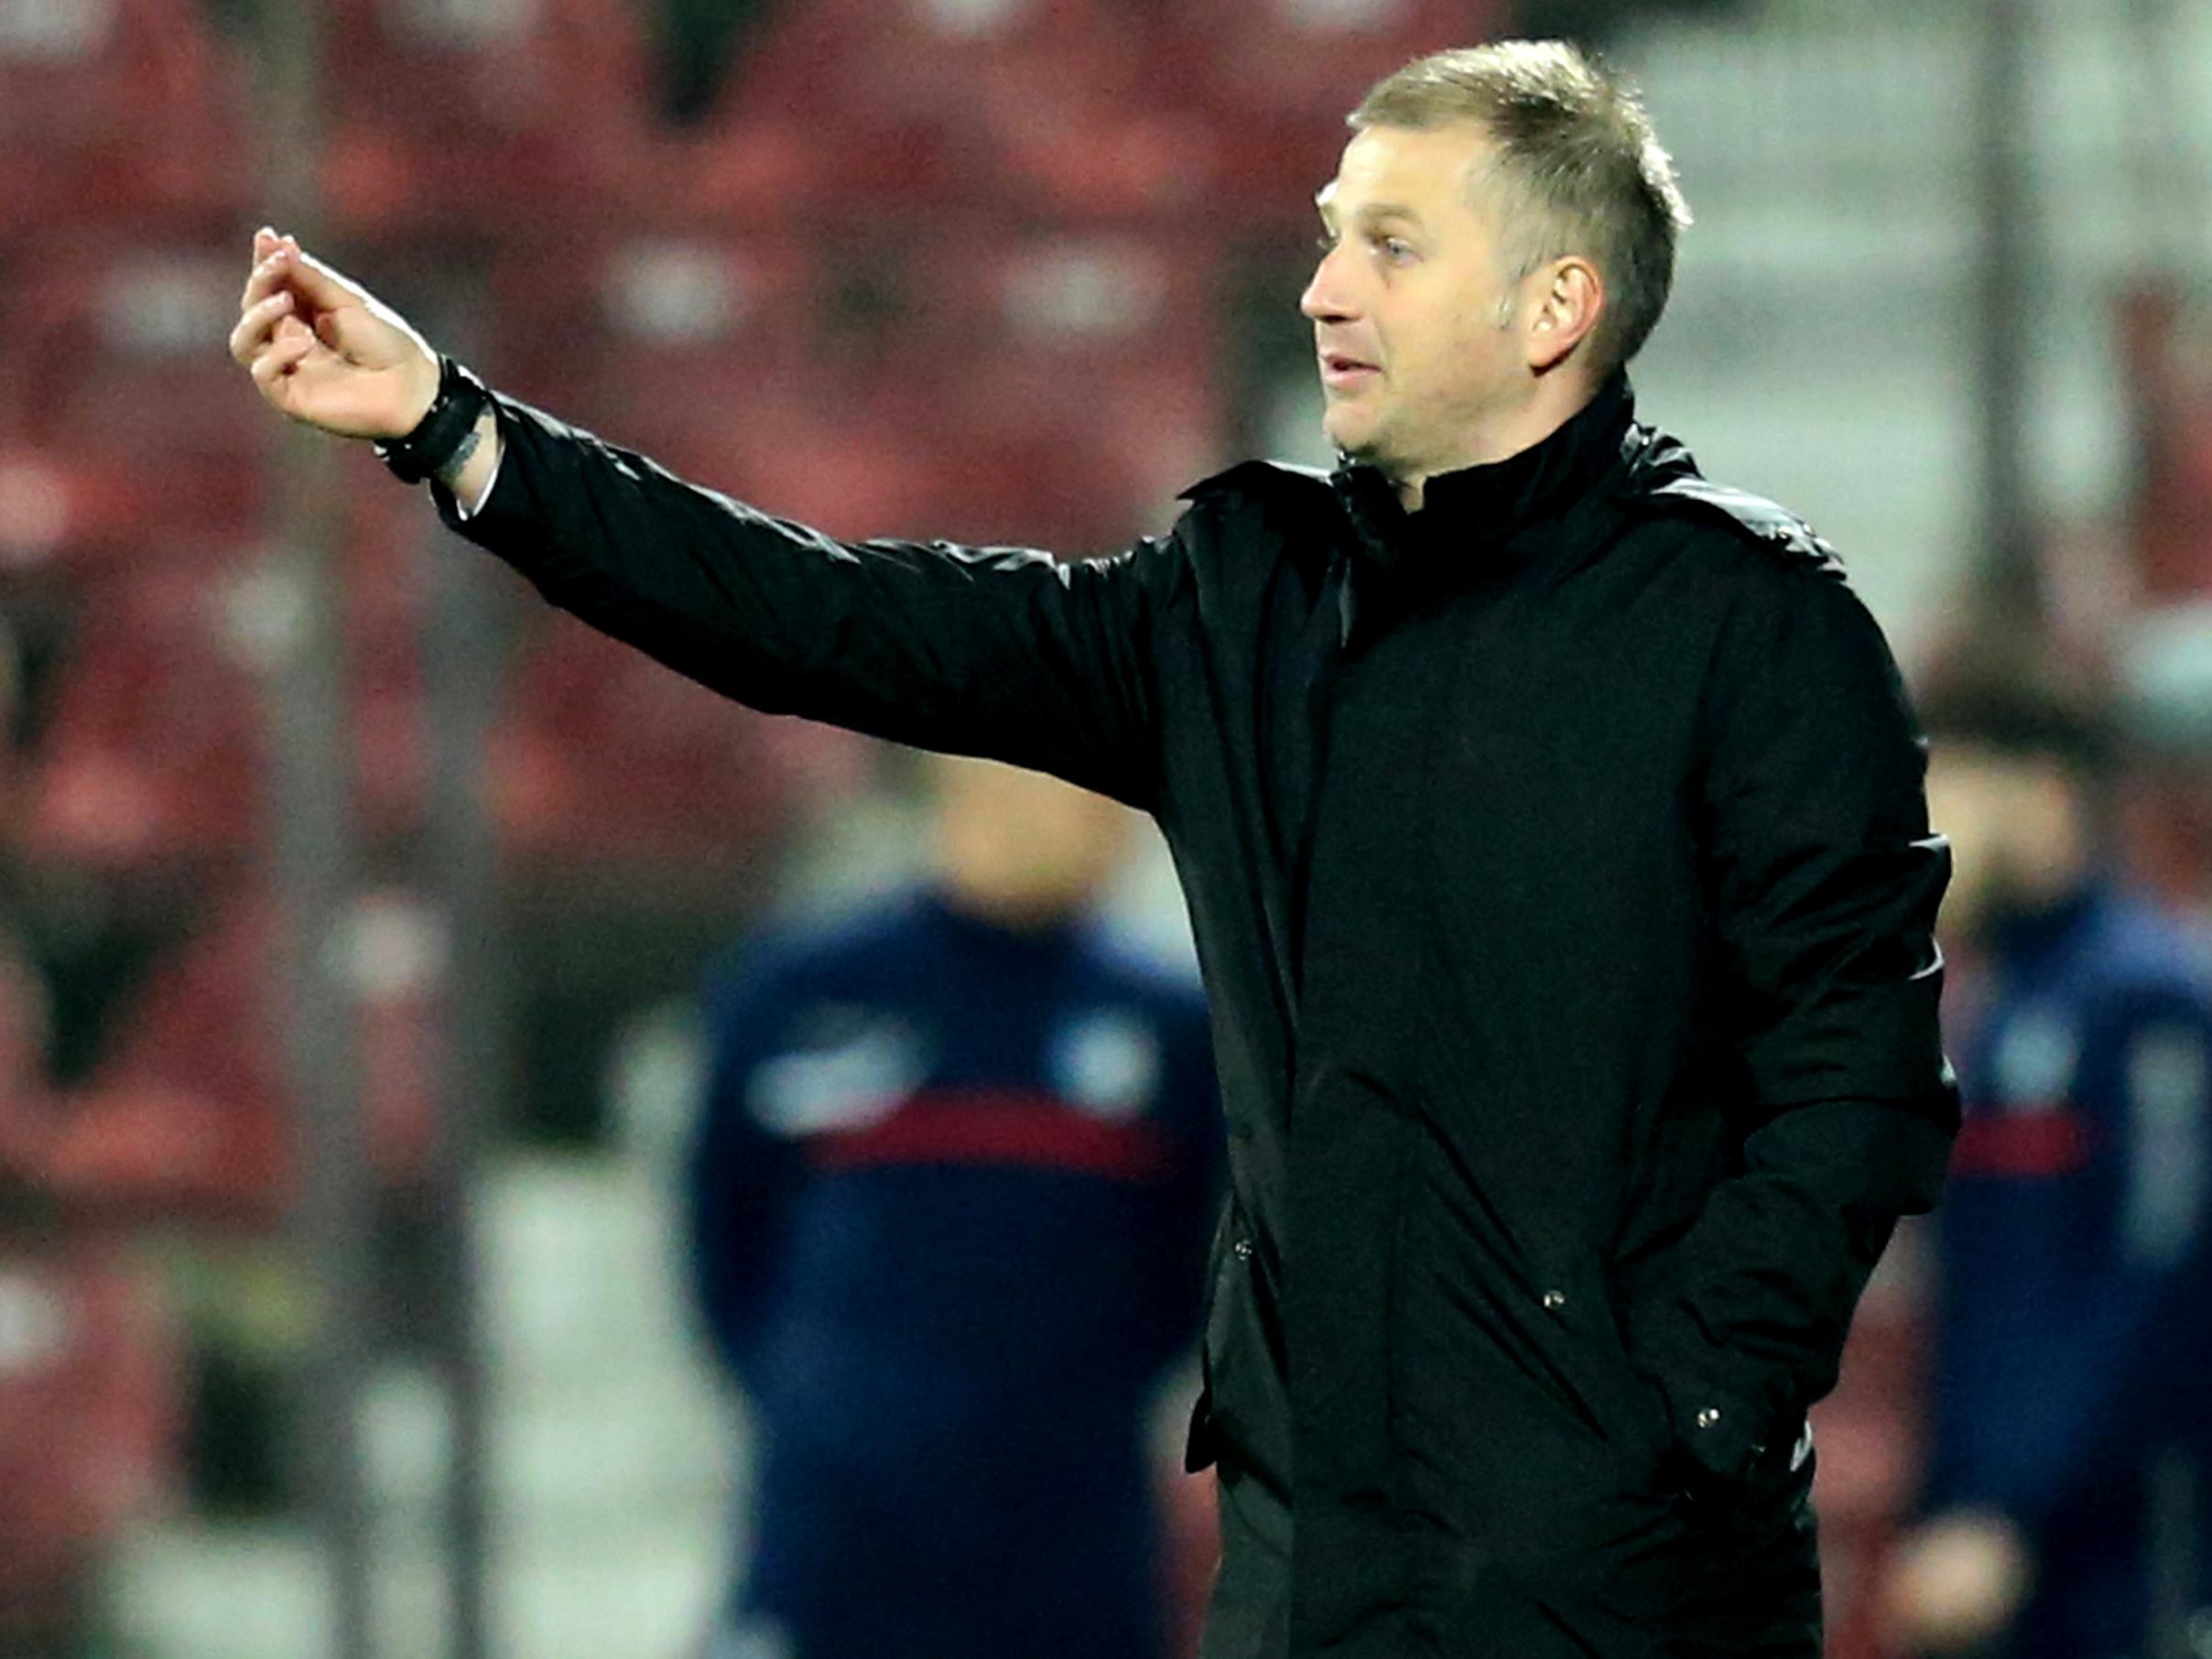 Povestea lui Edi Iordănescu, viitorul antrenor al FCSB (sursă foto: sportpictures.eu)